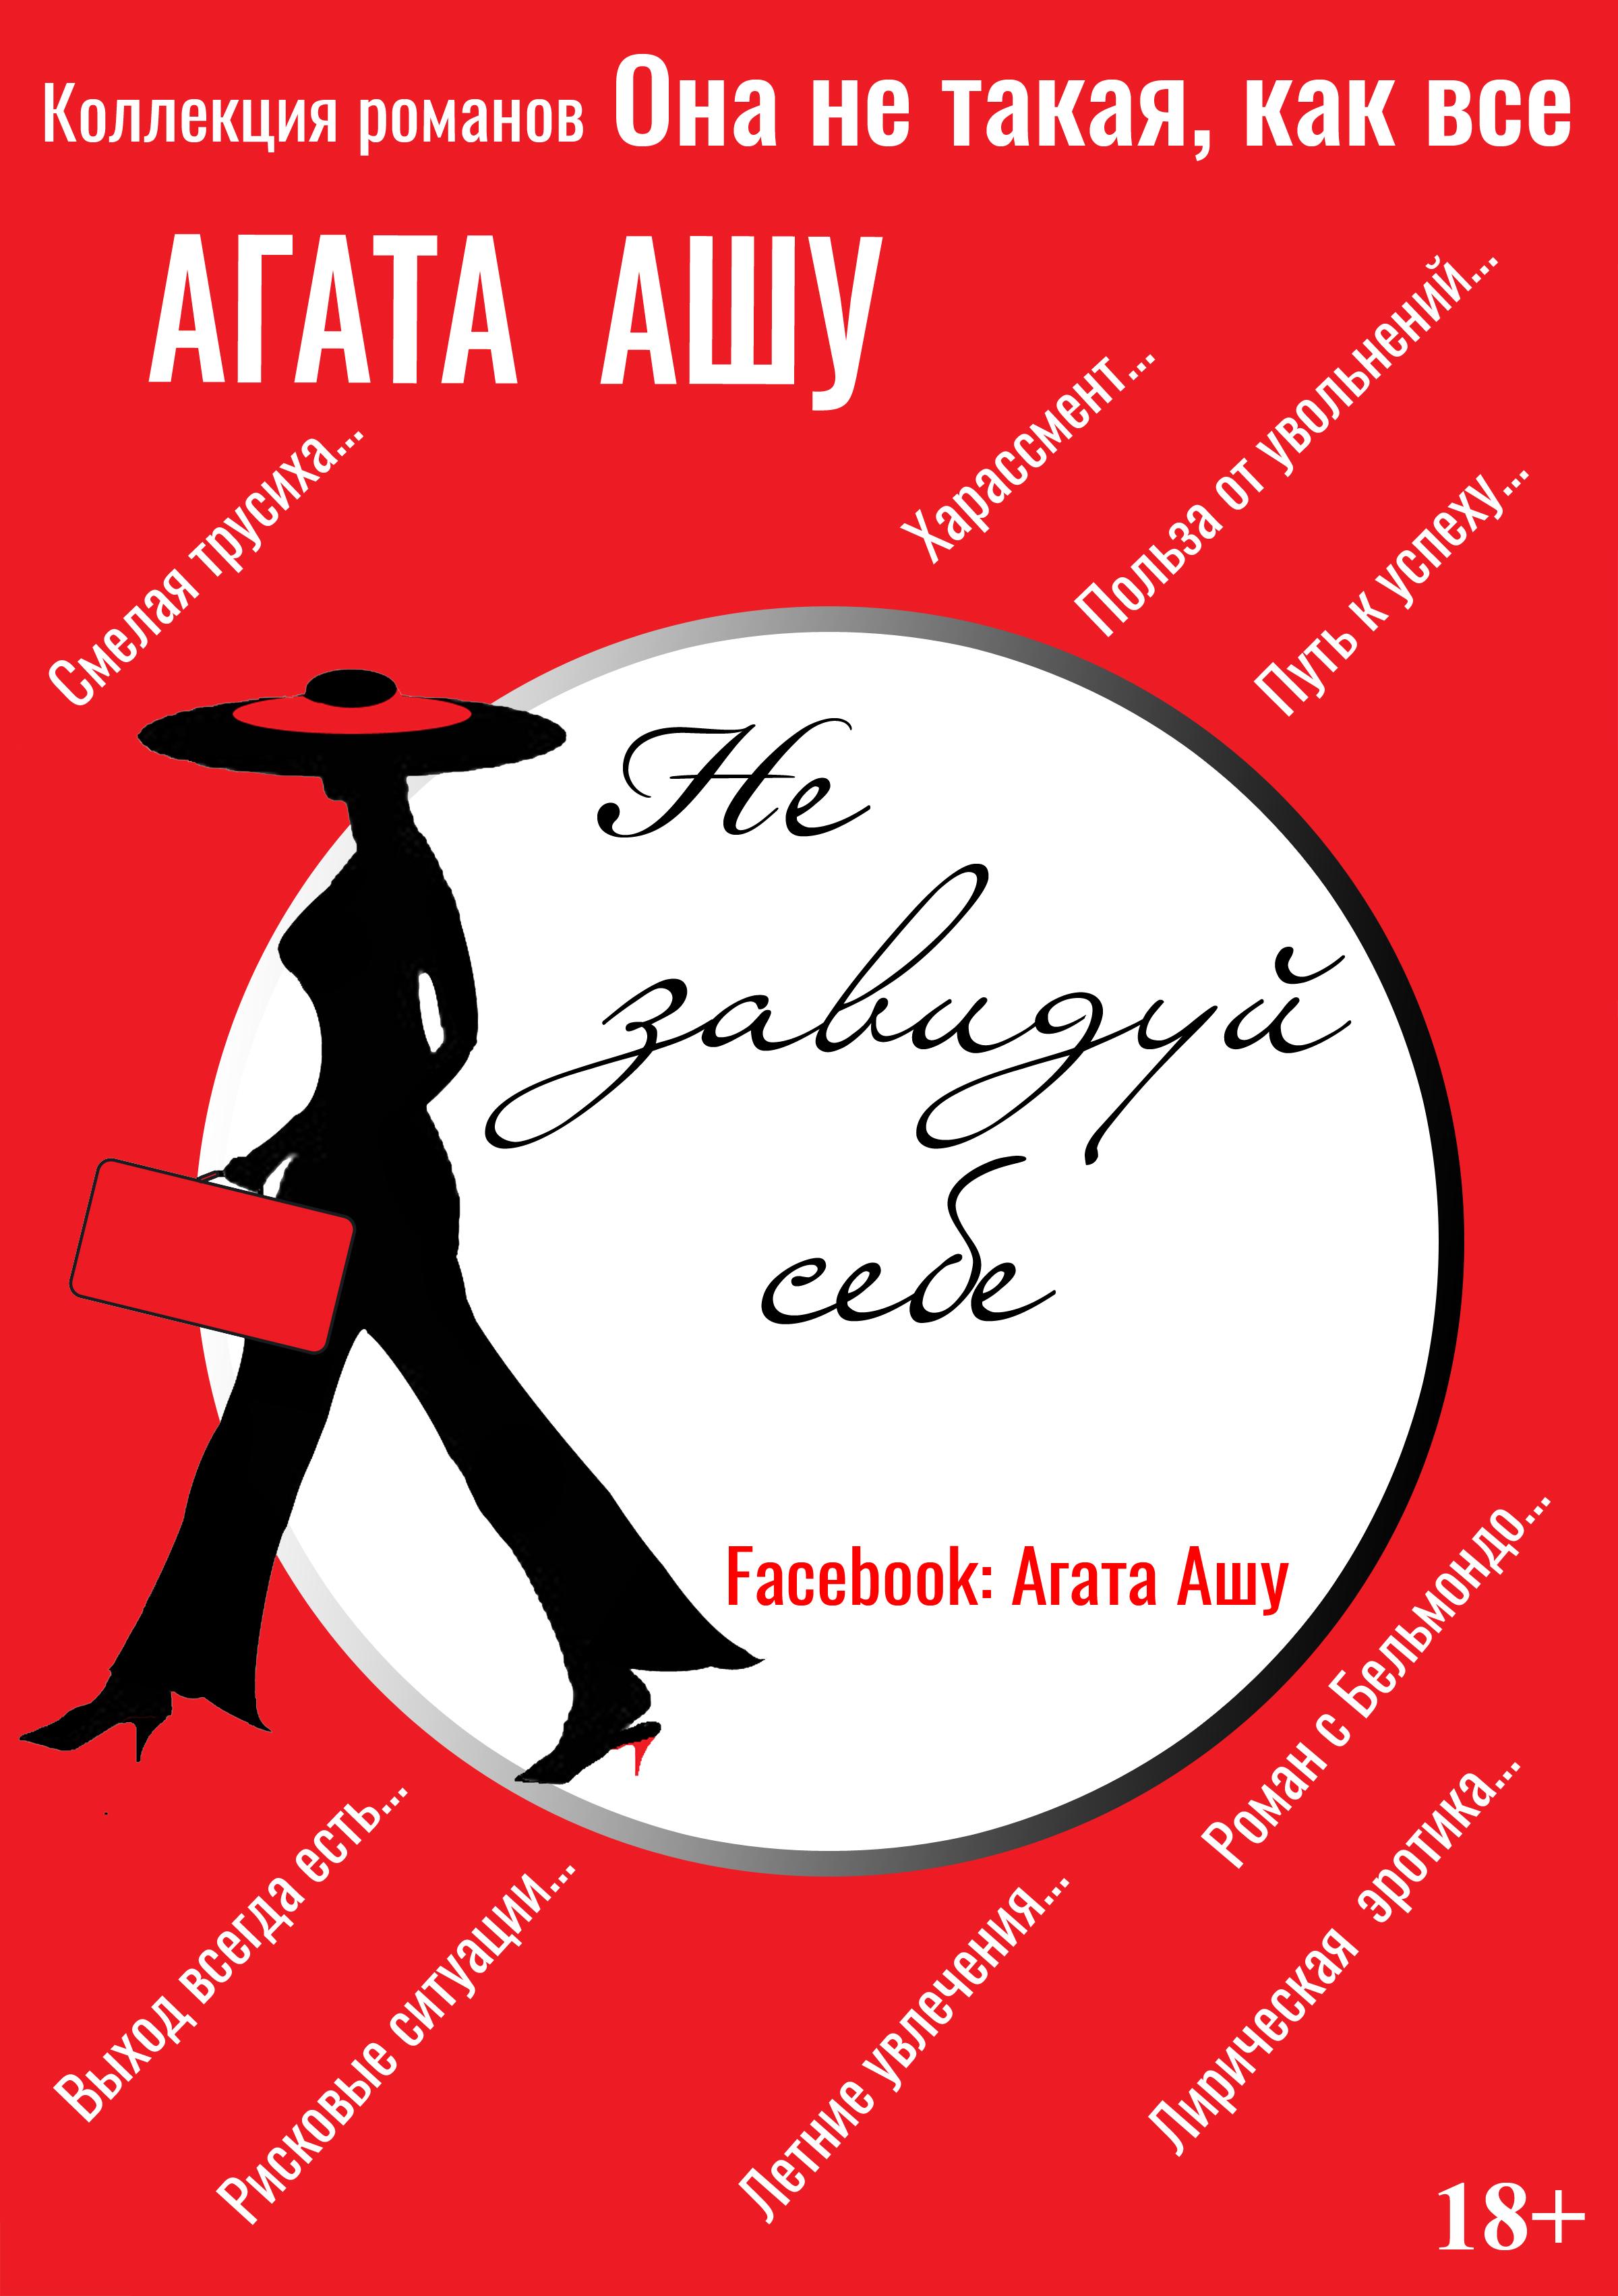 Купить книгу Не завидуй себе, автора Агаты Ашу